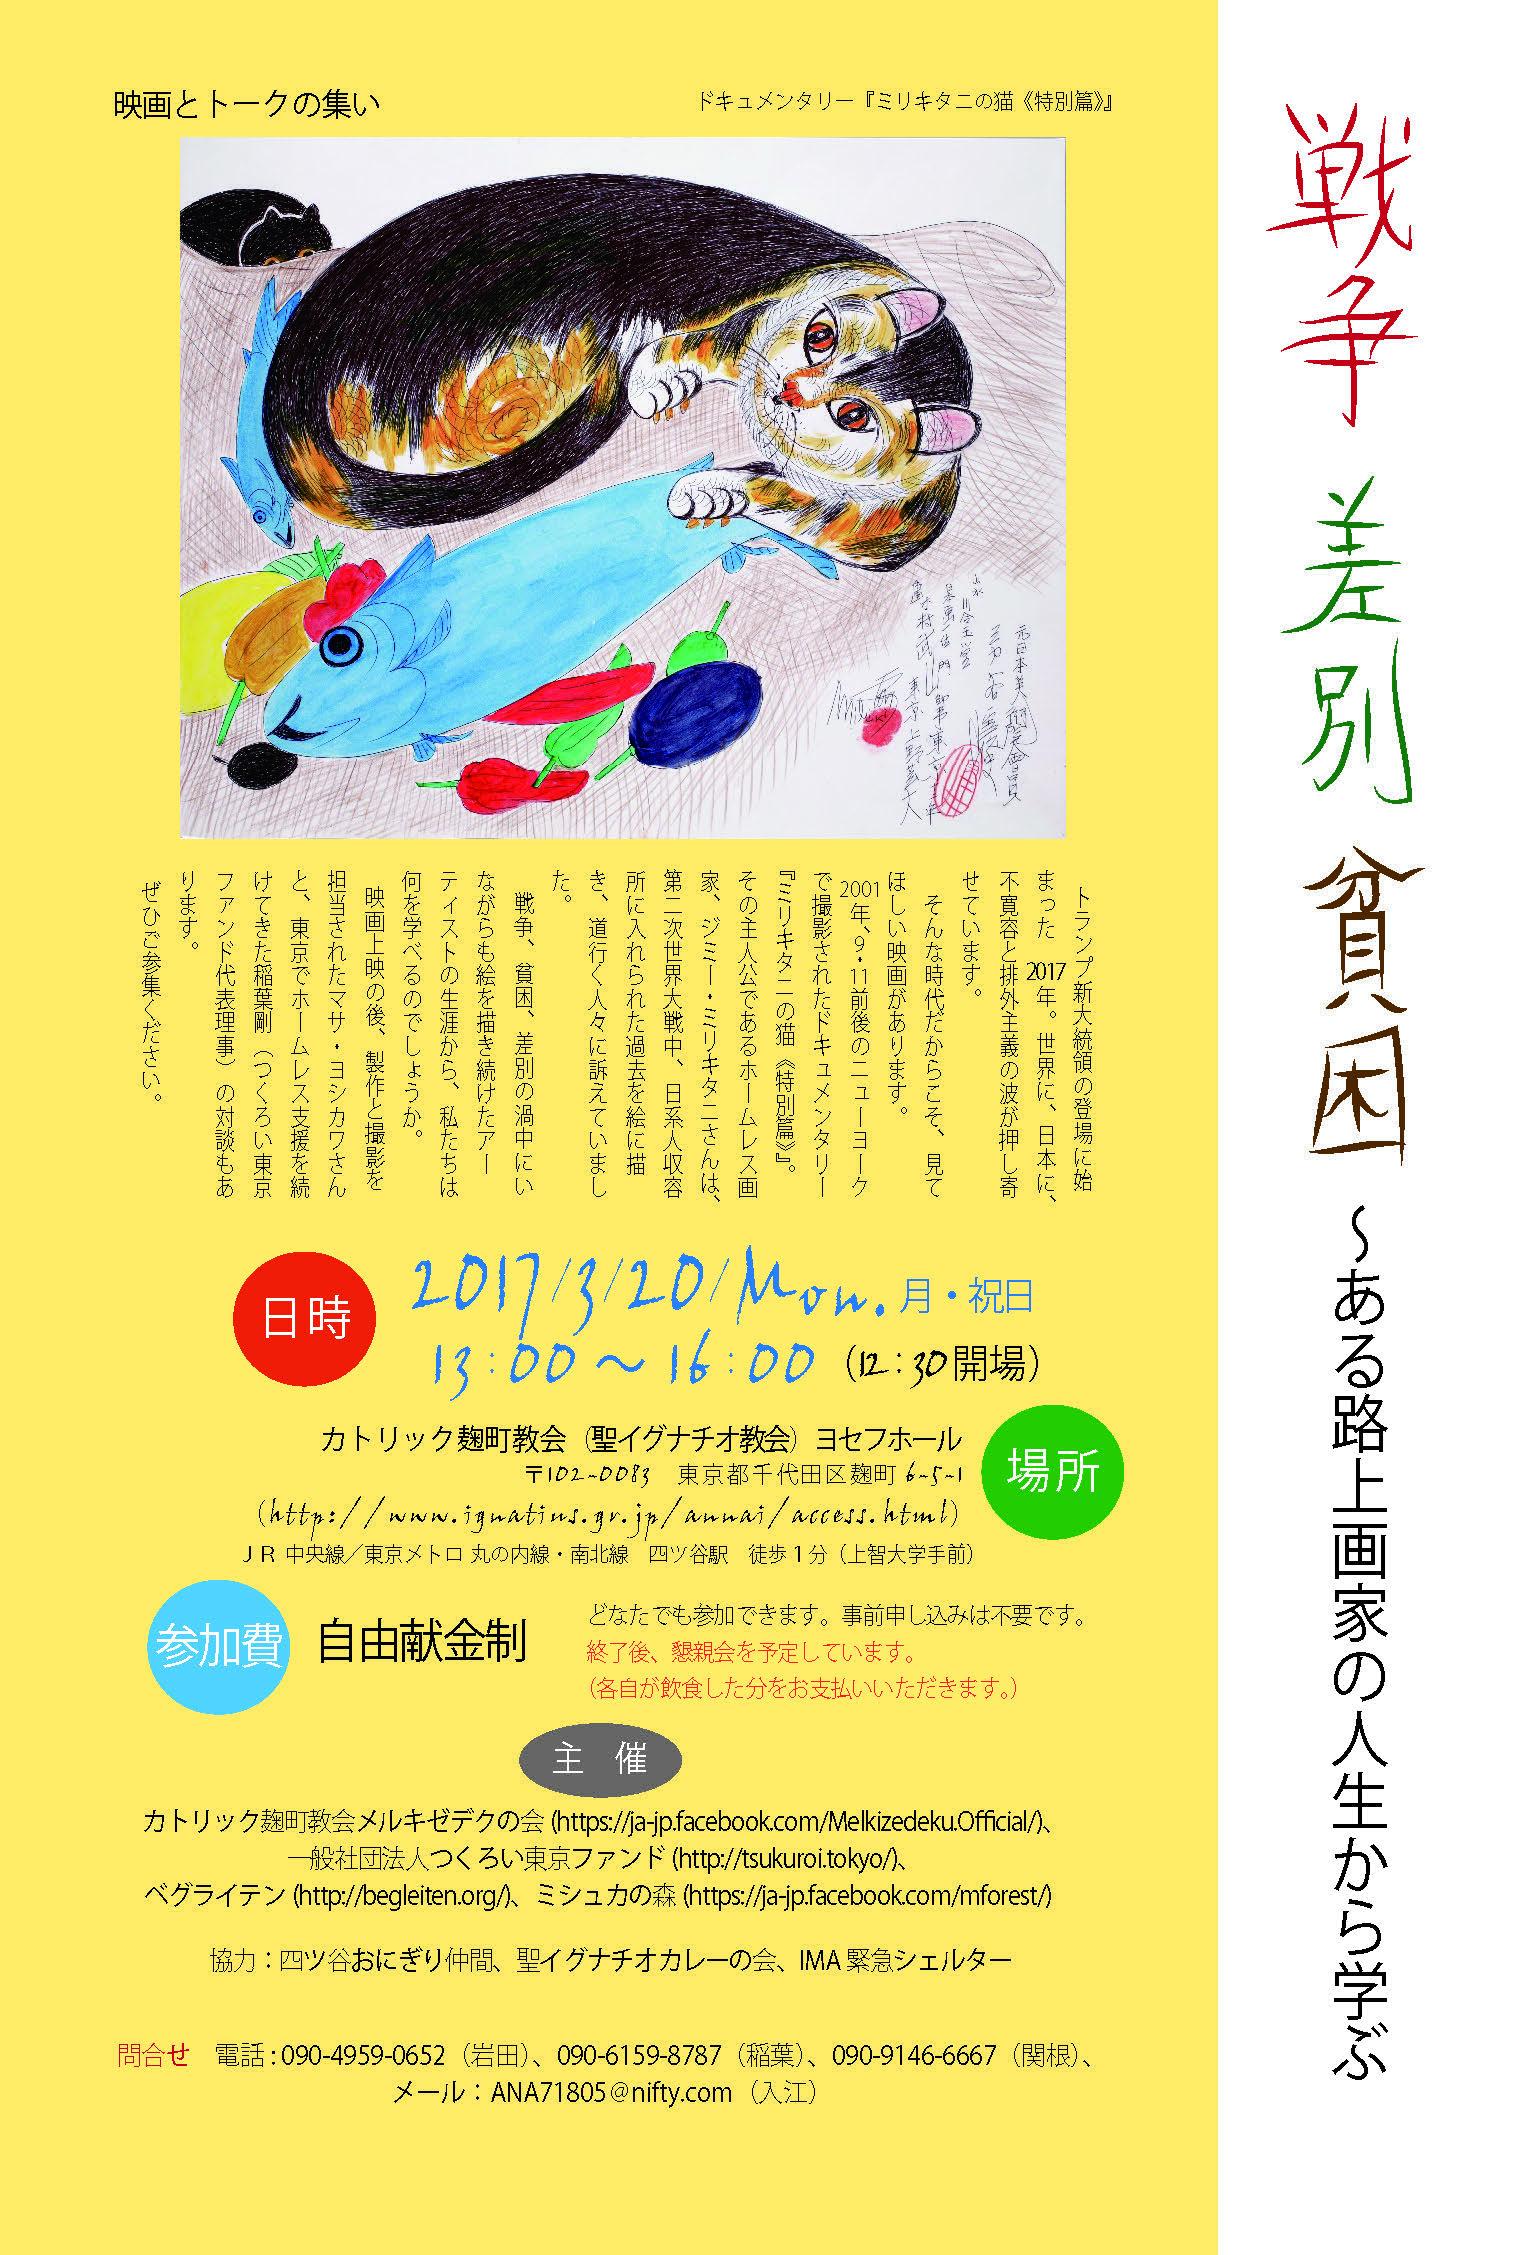 【イベント案内】3月20日(月・祝) 映画とトークの集い「戦争、差別、貧困~ある路上画家の人生から学ぶ」